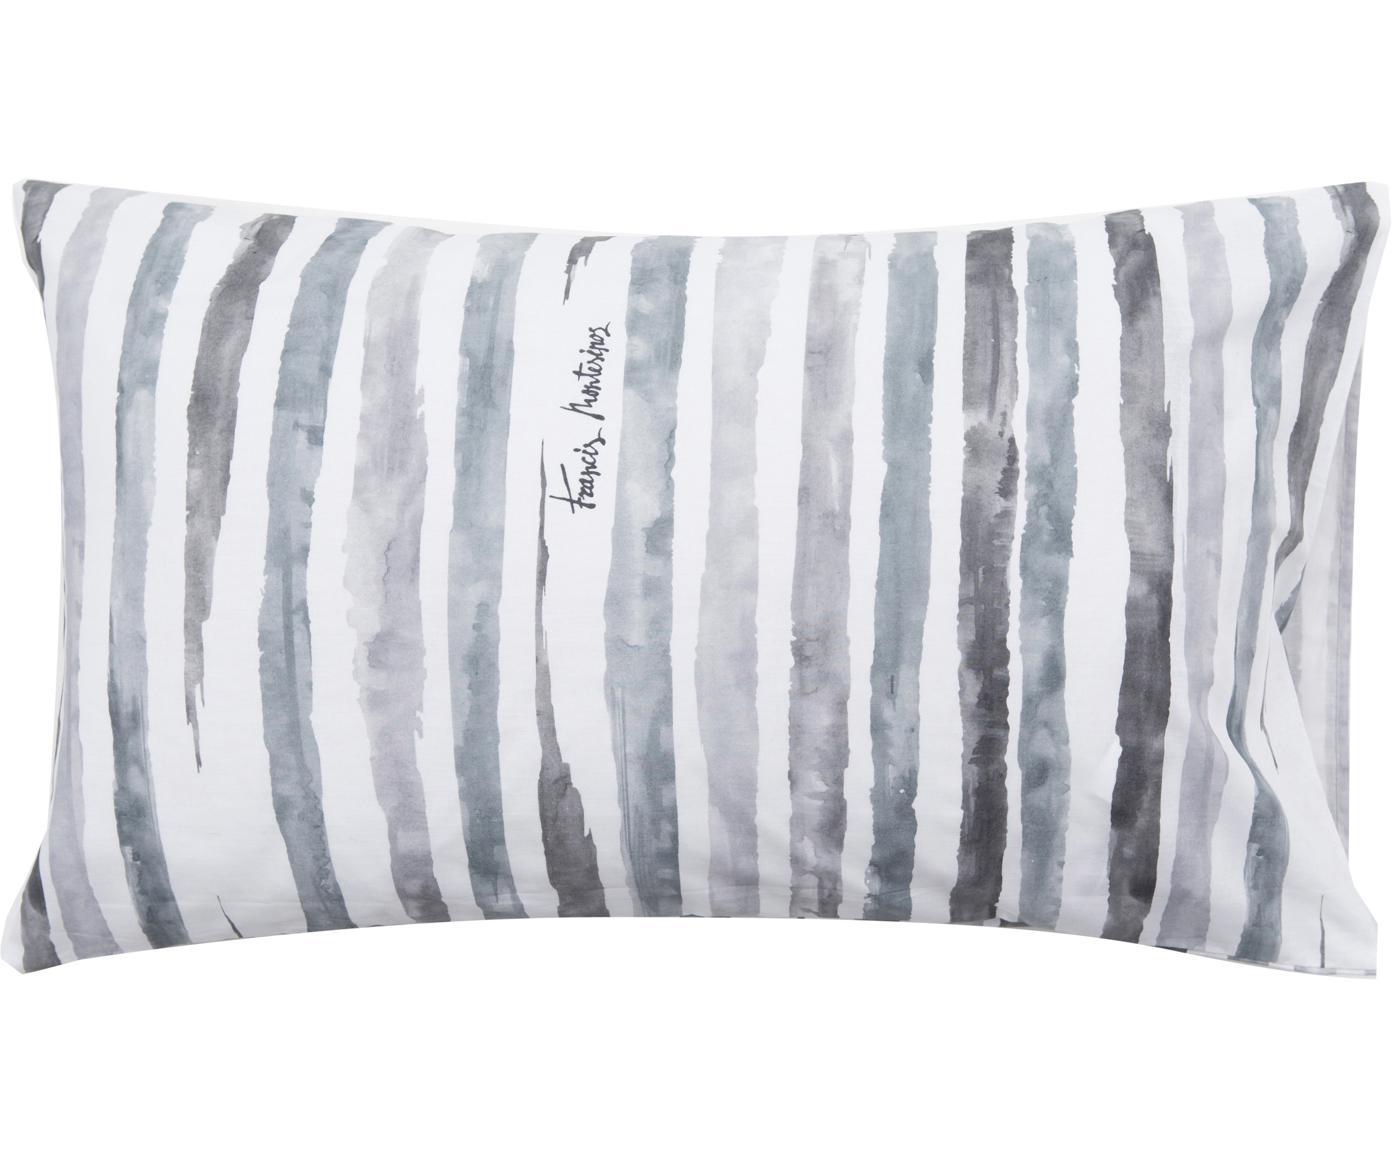 Fundas de almohada Capri, 2uds., Algodón, Blanco, tonos de gris, An 50 x L 80 cm